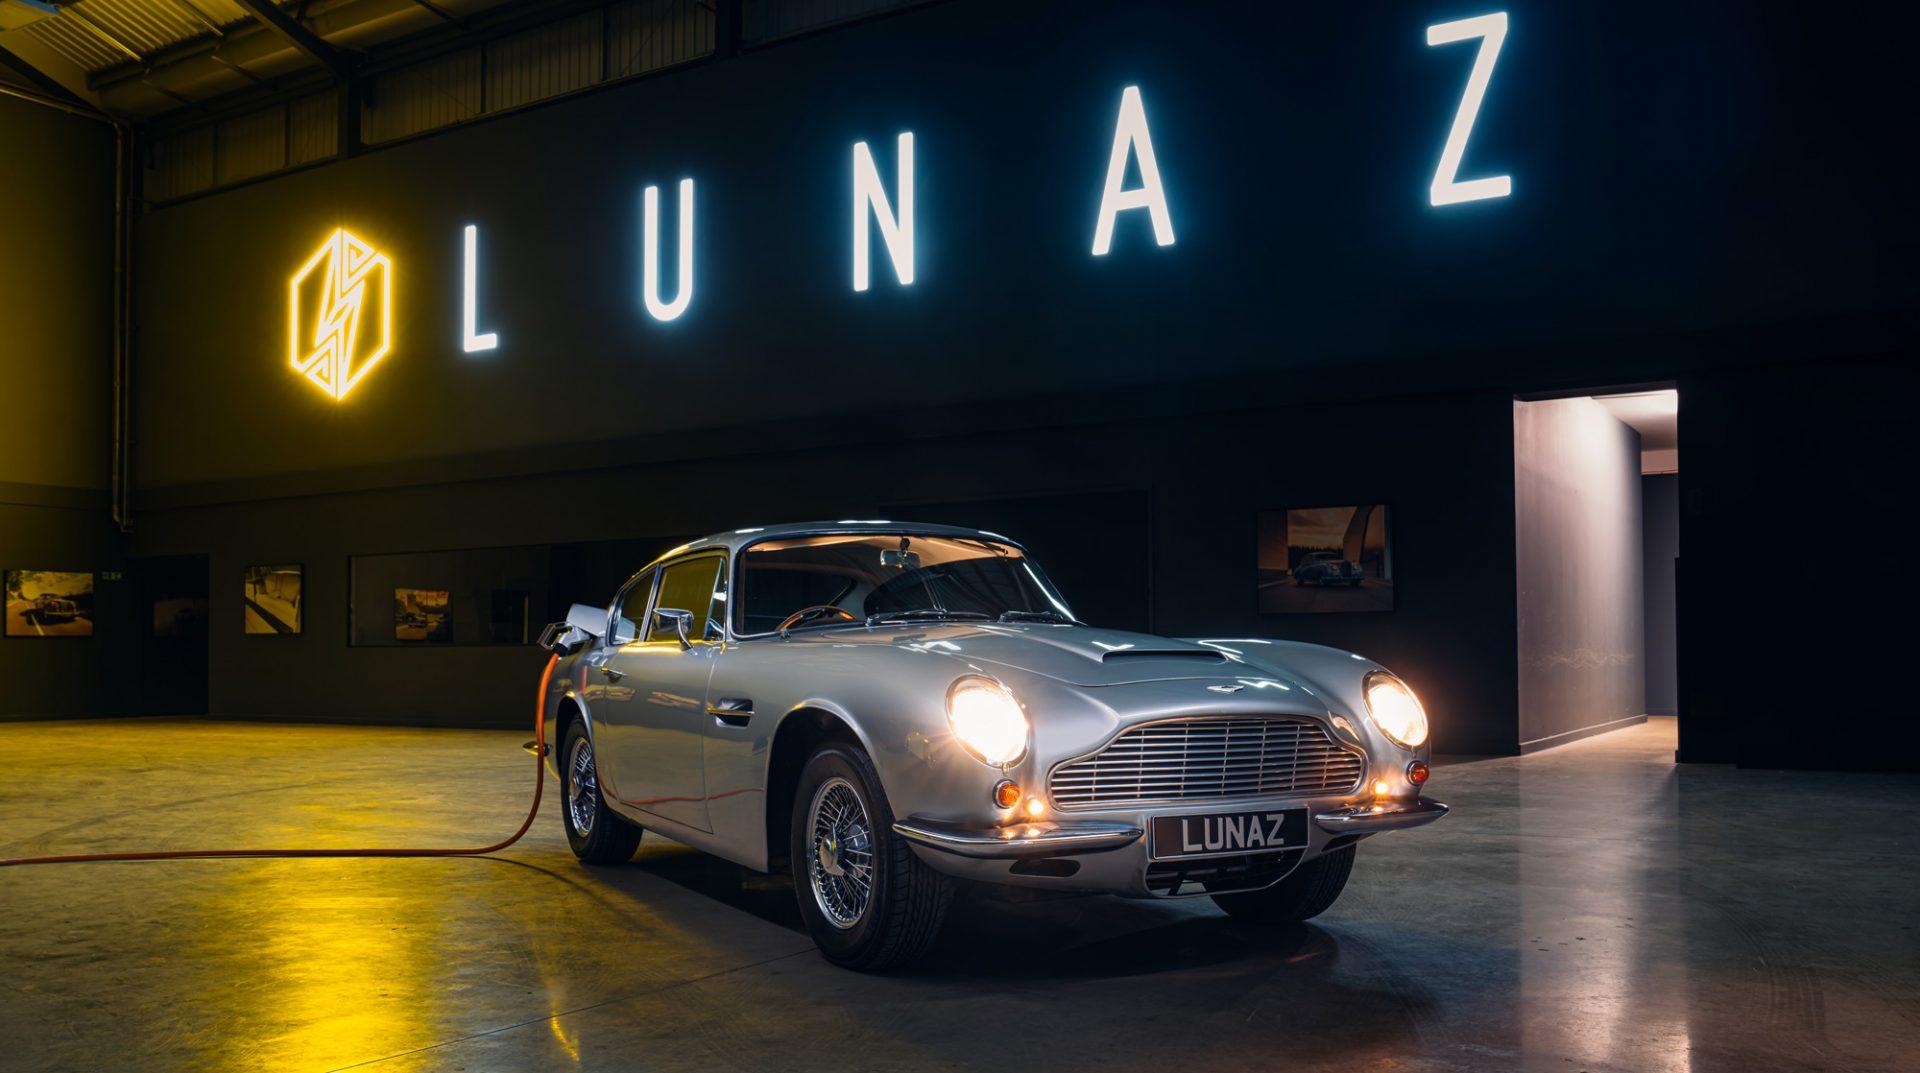 Aston-Martin-DB6-Lunaz-banner